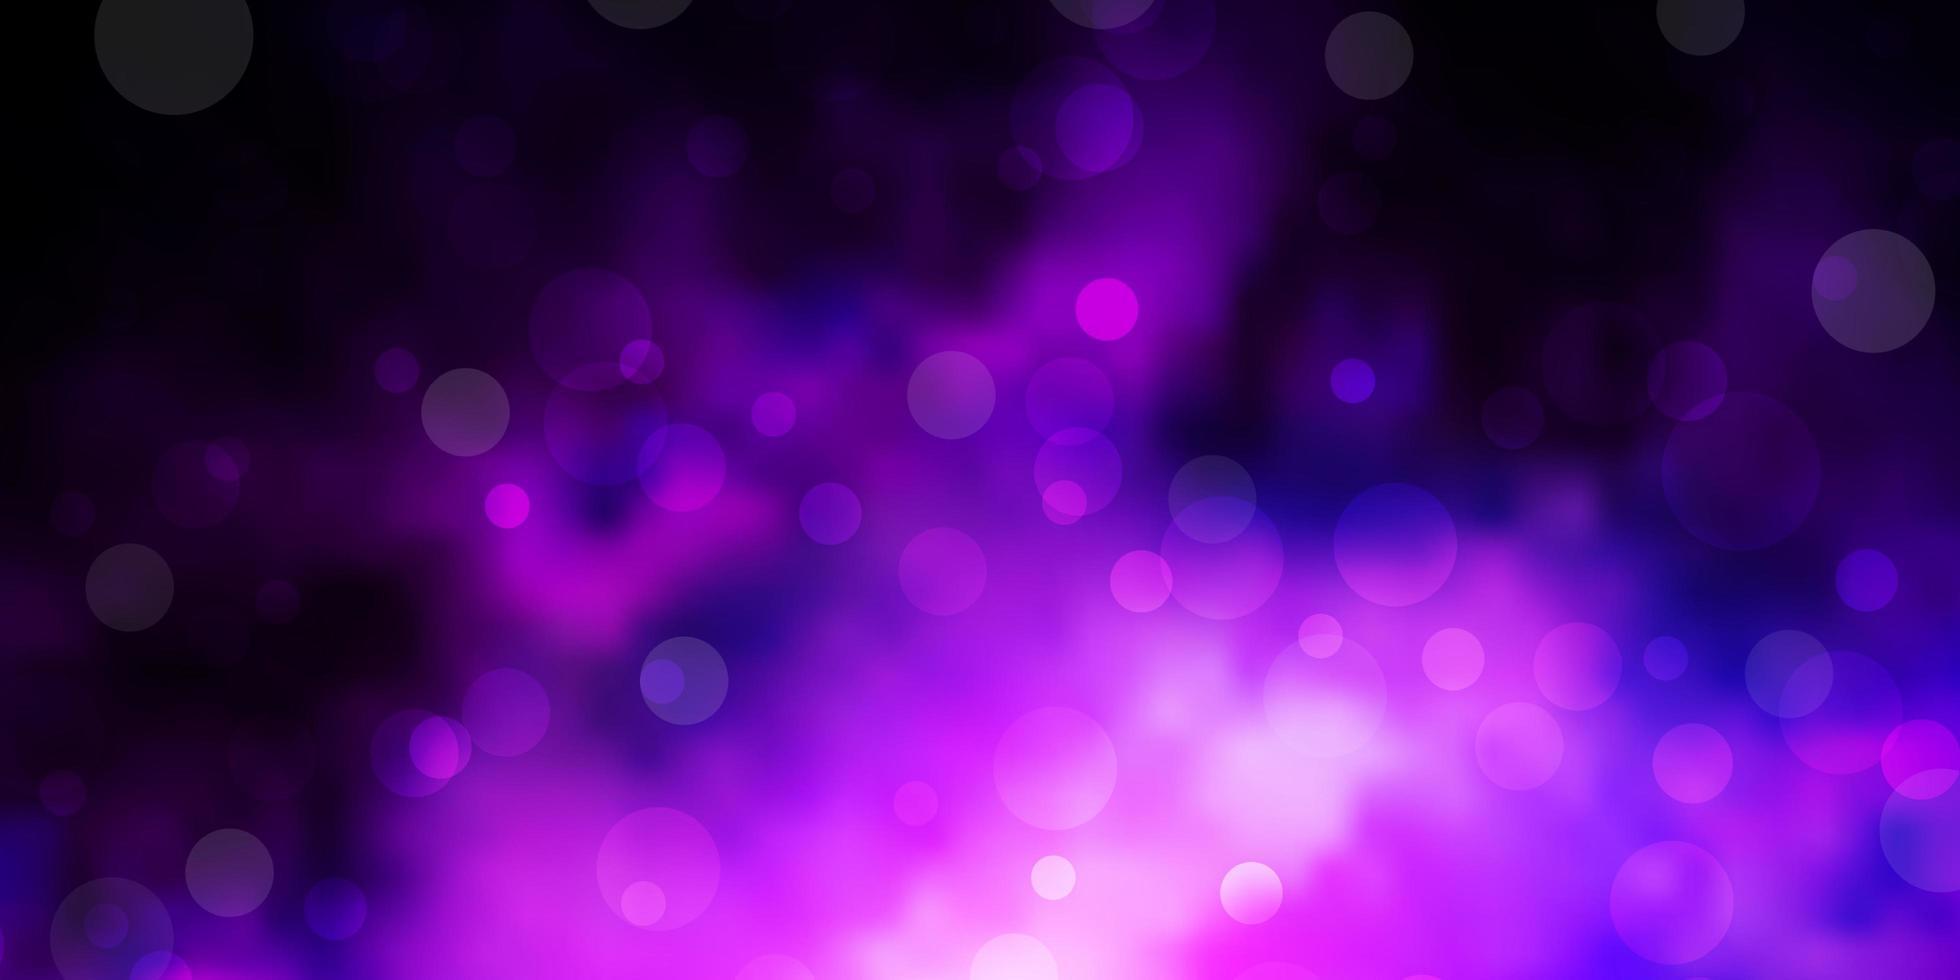 dunkelvioletter Vektorhintergrund mit Flecken. vektor